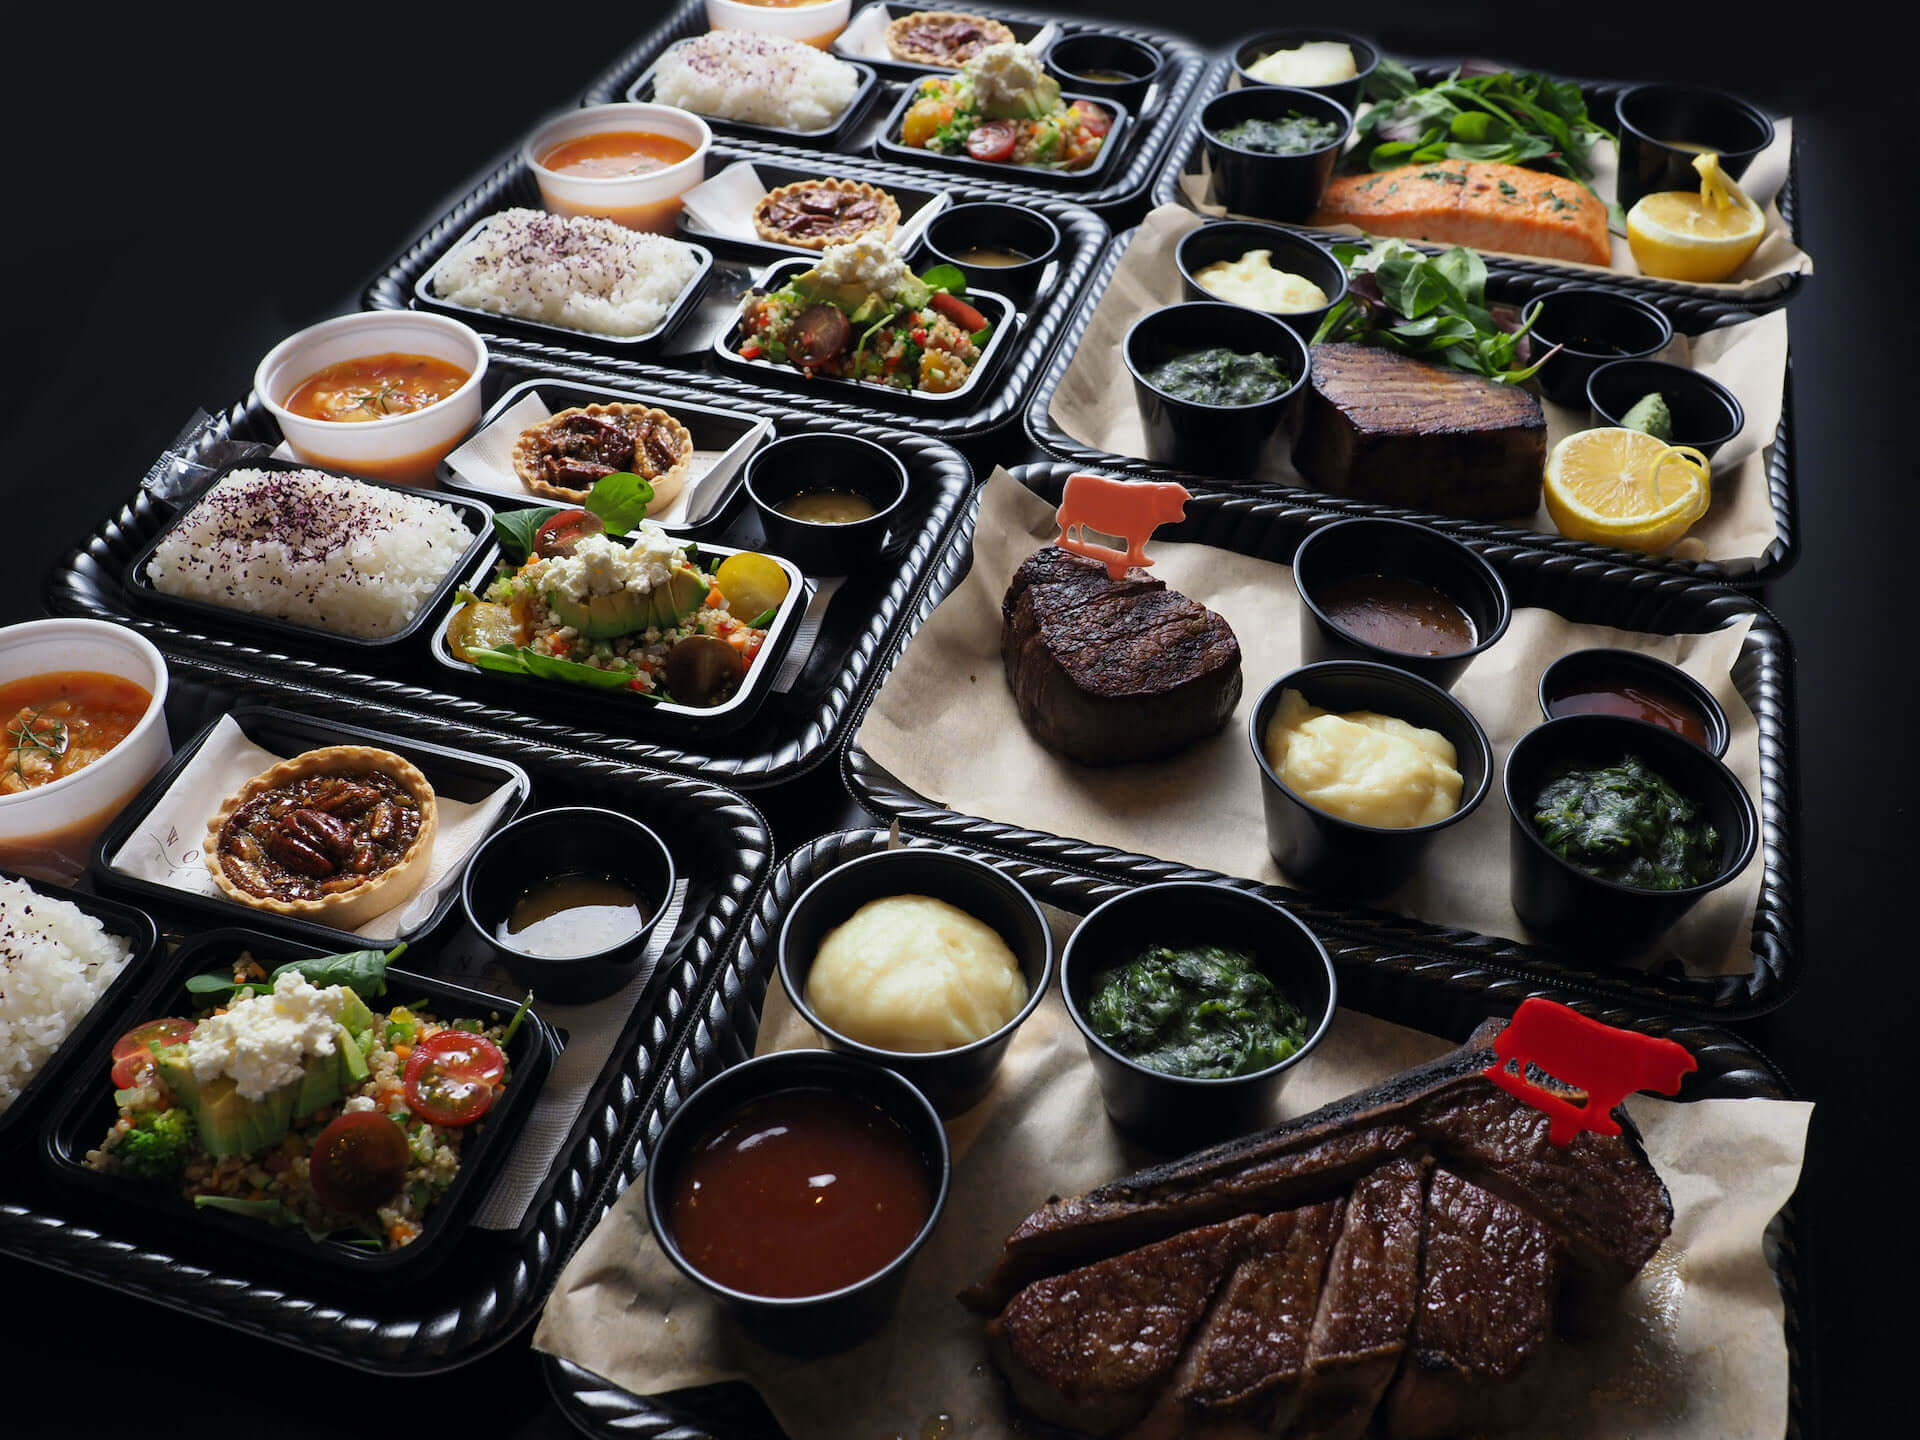 """おうちご飯に""""プライムグレード""""のお肉を!NY発ウルフギャング・ステーキハウスの弁当がテイクアウト限定で発売 gourmet200529_wolfgang_steak_1-1920x1440"""